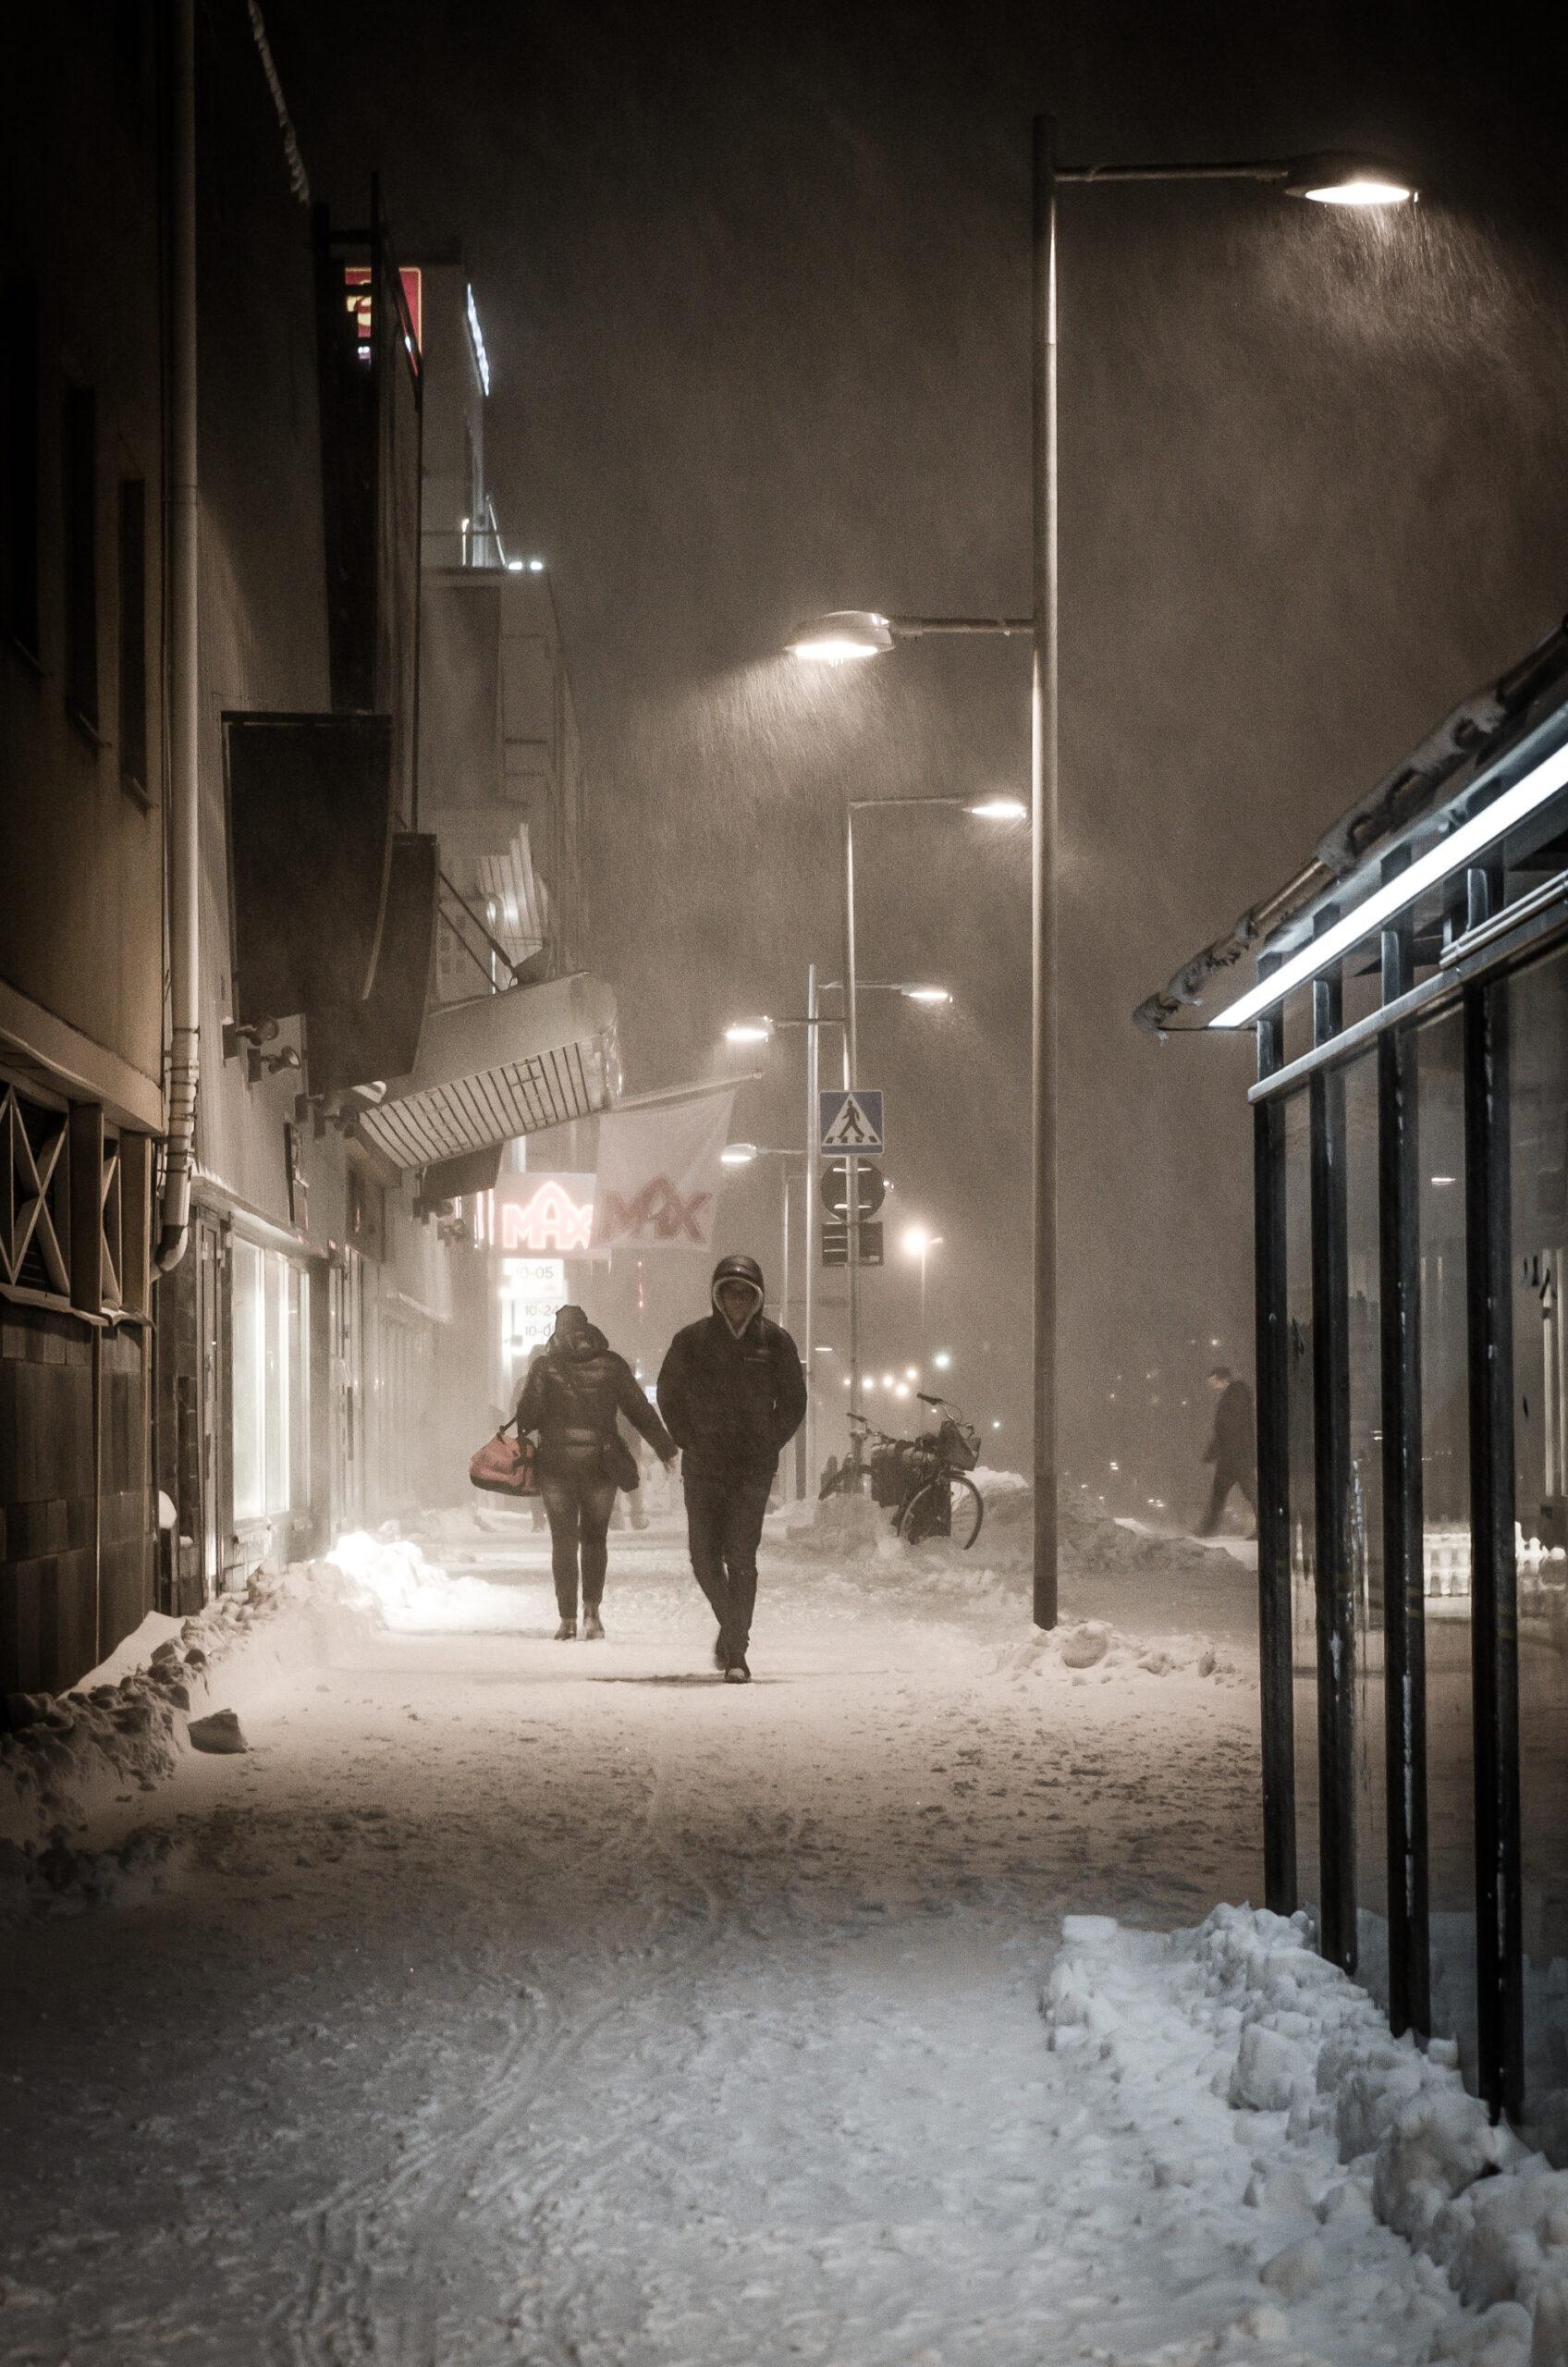 Snöoväder. Luleå.